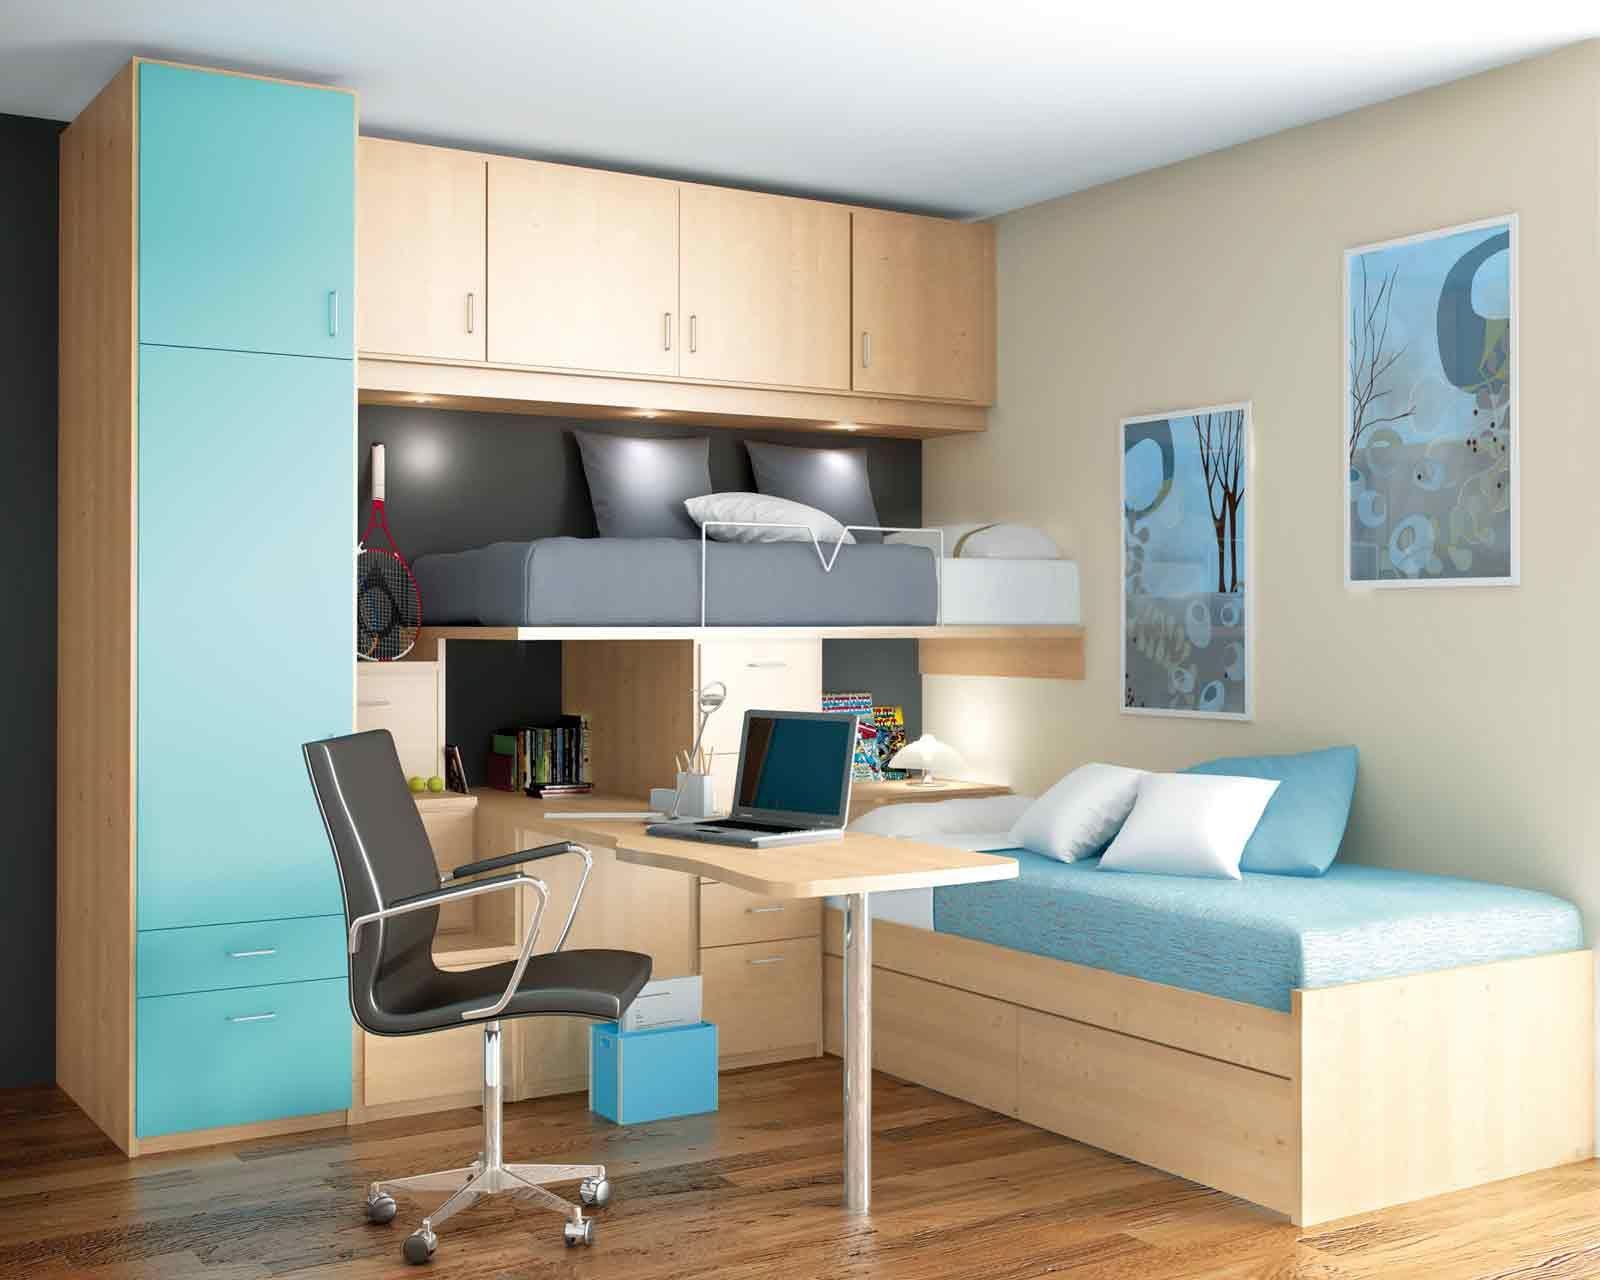 Habitaciones y dormitorios infantiles y juveniles for Dormitorios infantiles y juveniles